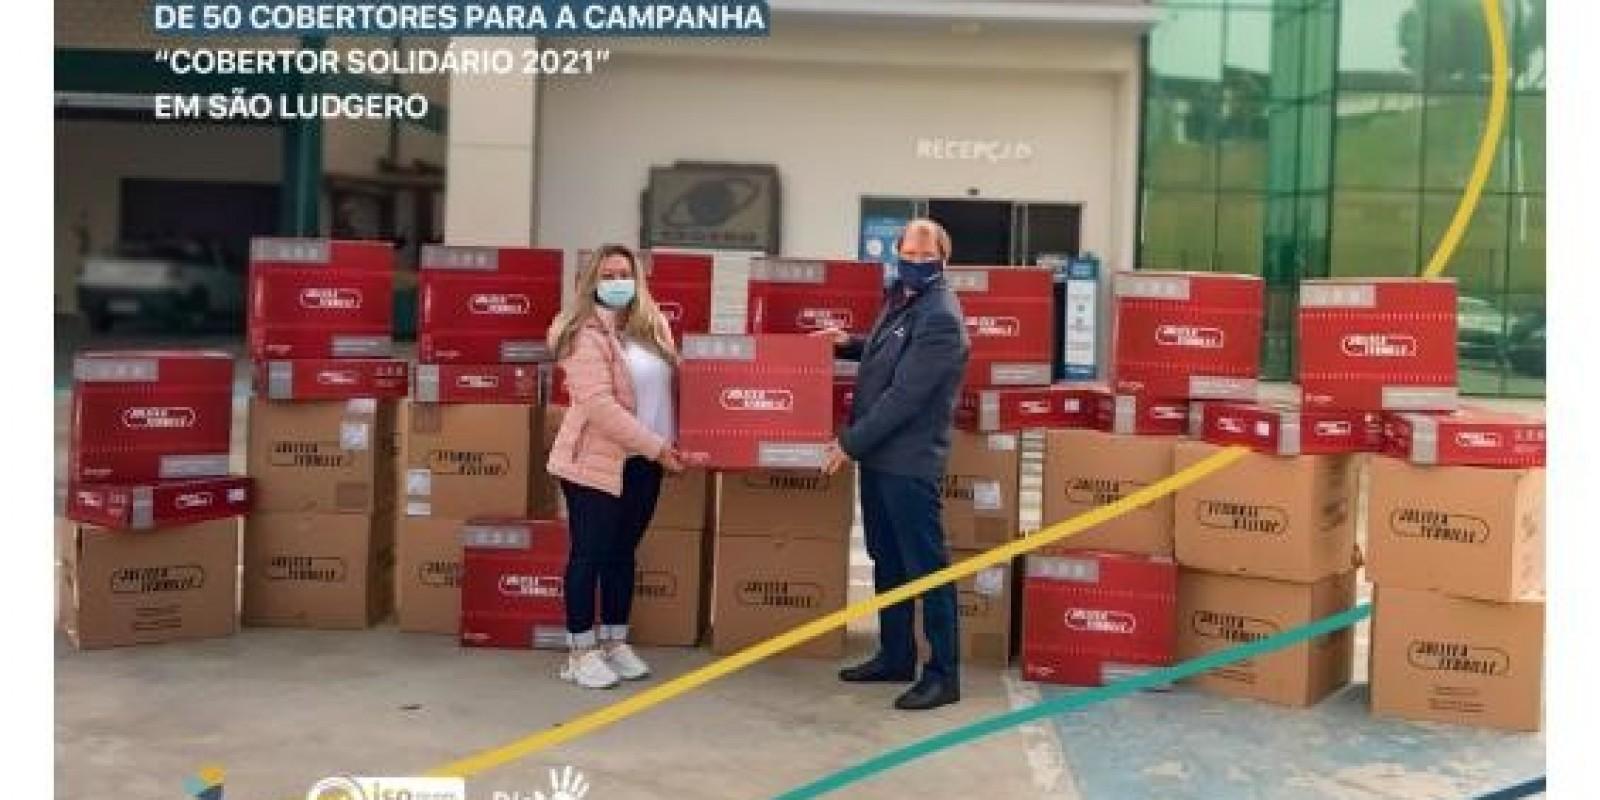 Cegero faz doação de 50 cobertores para campanha Cobertor Solidário 2021 em São Ludgero